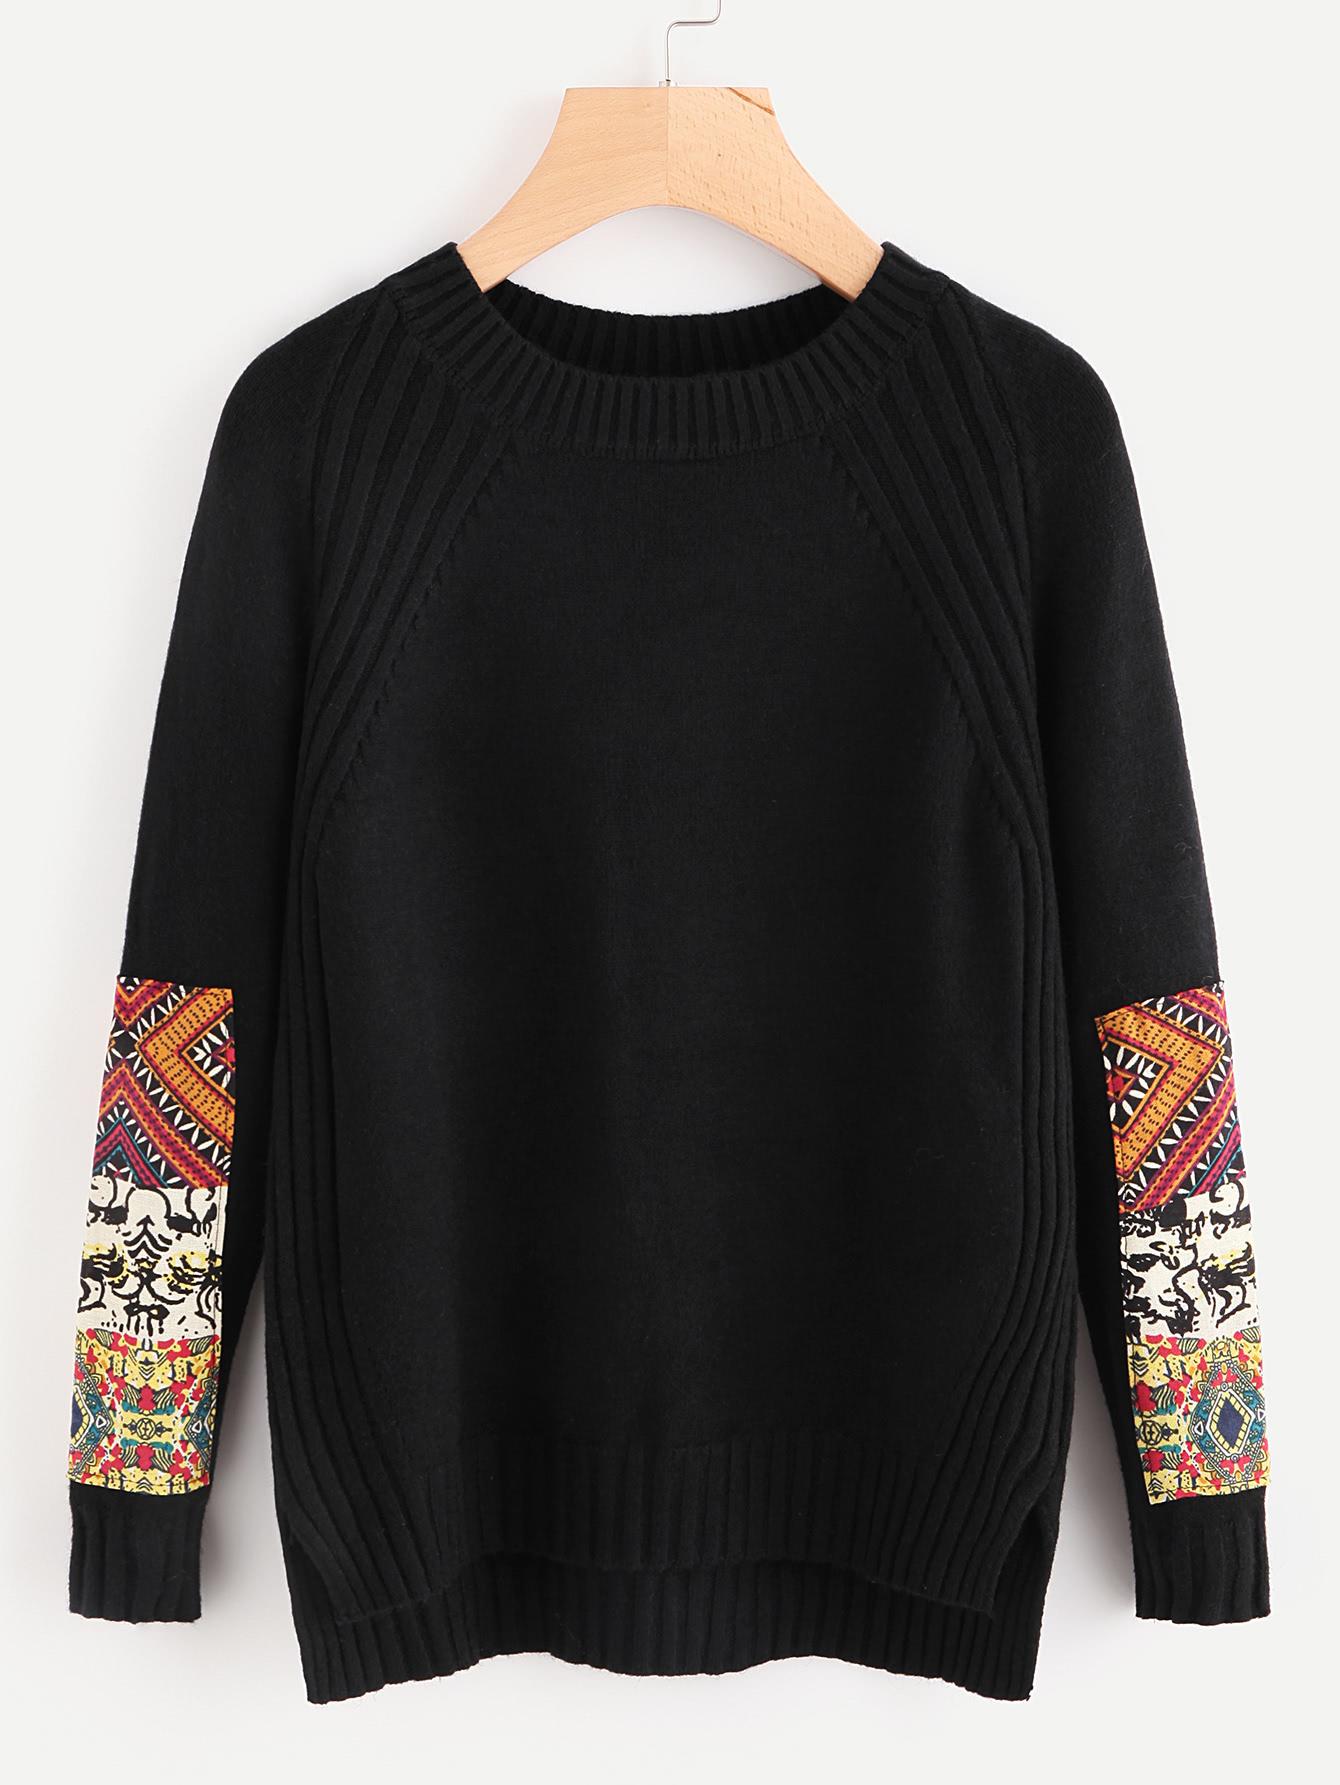 strick pullover mit flicken auf den rmeln german shein sheinside. Black Bedroom Furniture Sets. Home Design Ideas